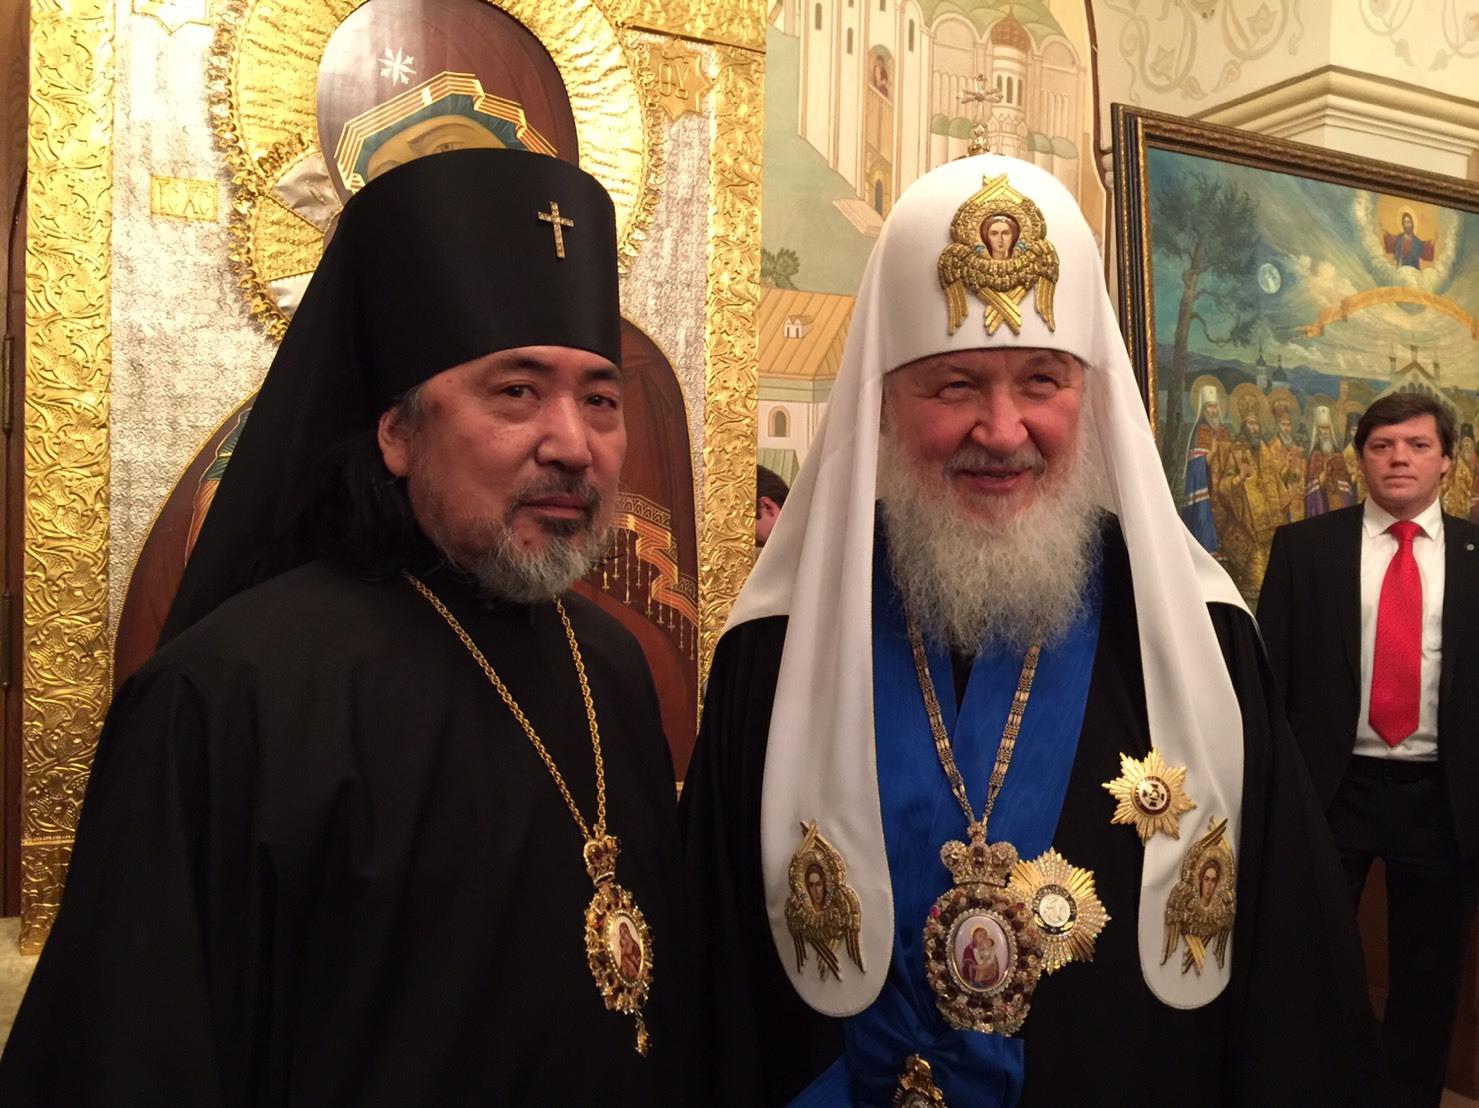 総主教聖下とセラフィム大主教座下